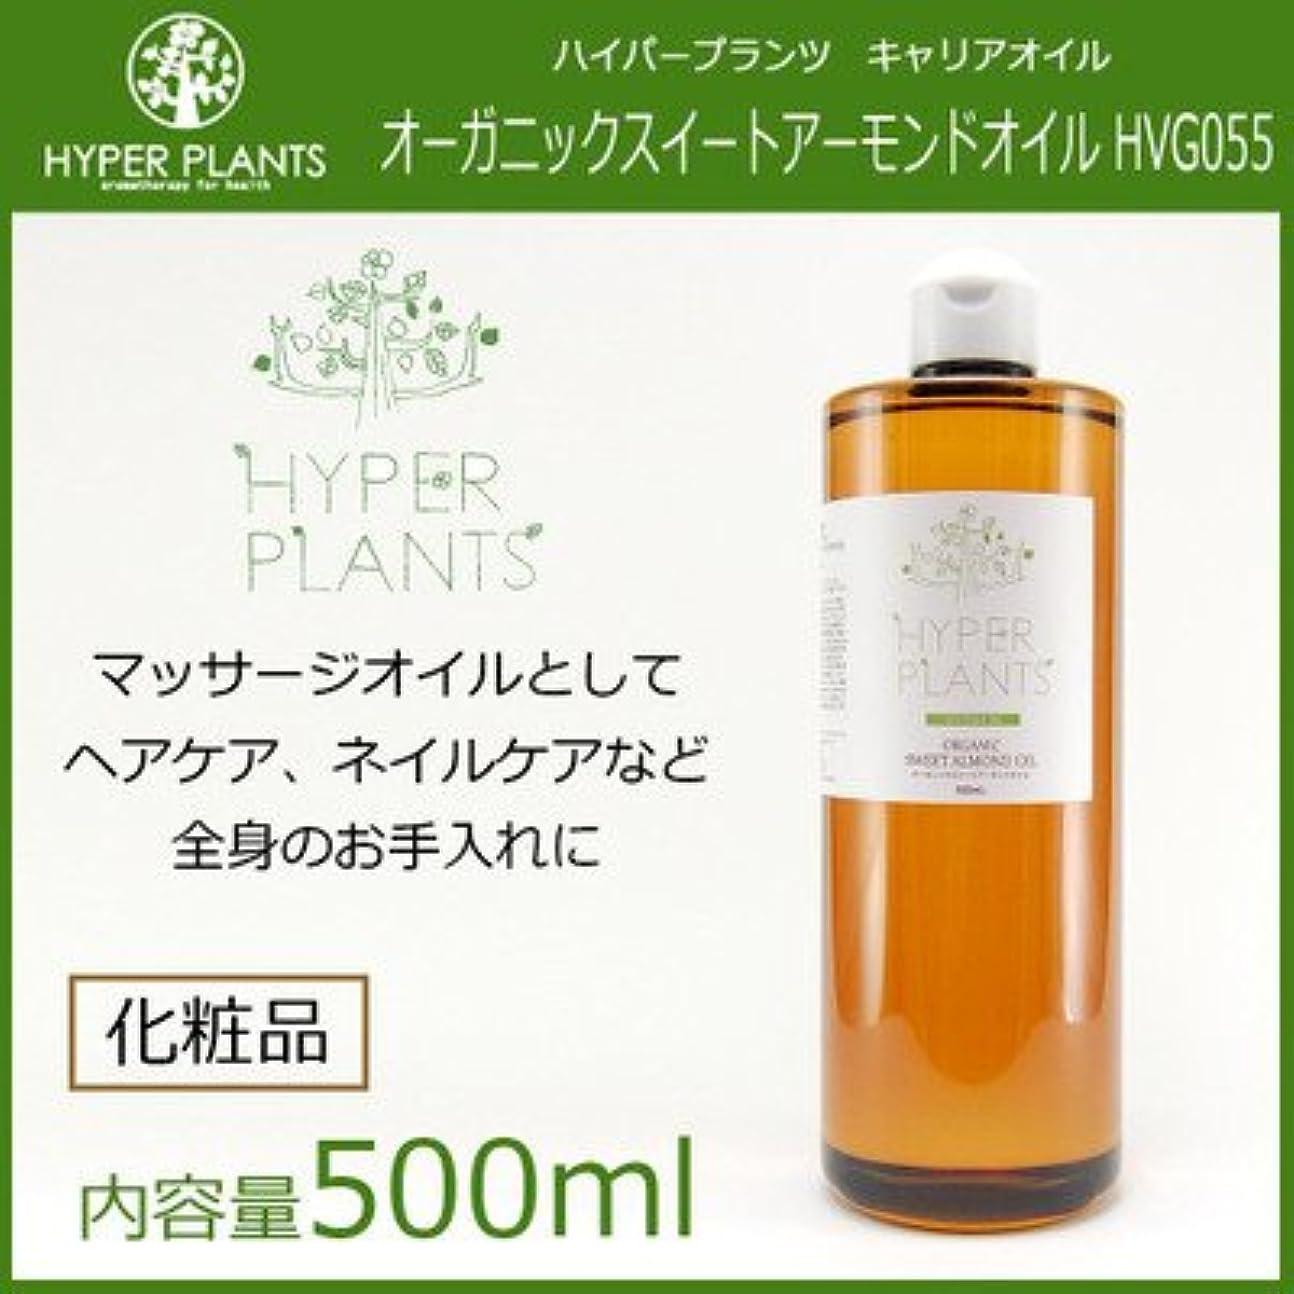 尊敬オプションエイリアン天然植物原料100%使用 肌をやさしく守る定番オイル HYPER PLANTS ハイパープランツ キャリアオイル オーガニックスイートアーモンドオイル 500ml HVG055